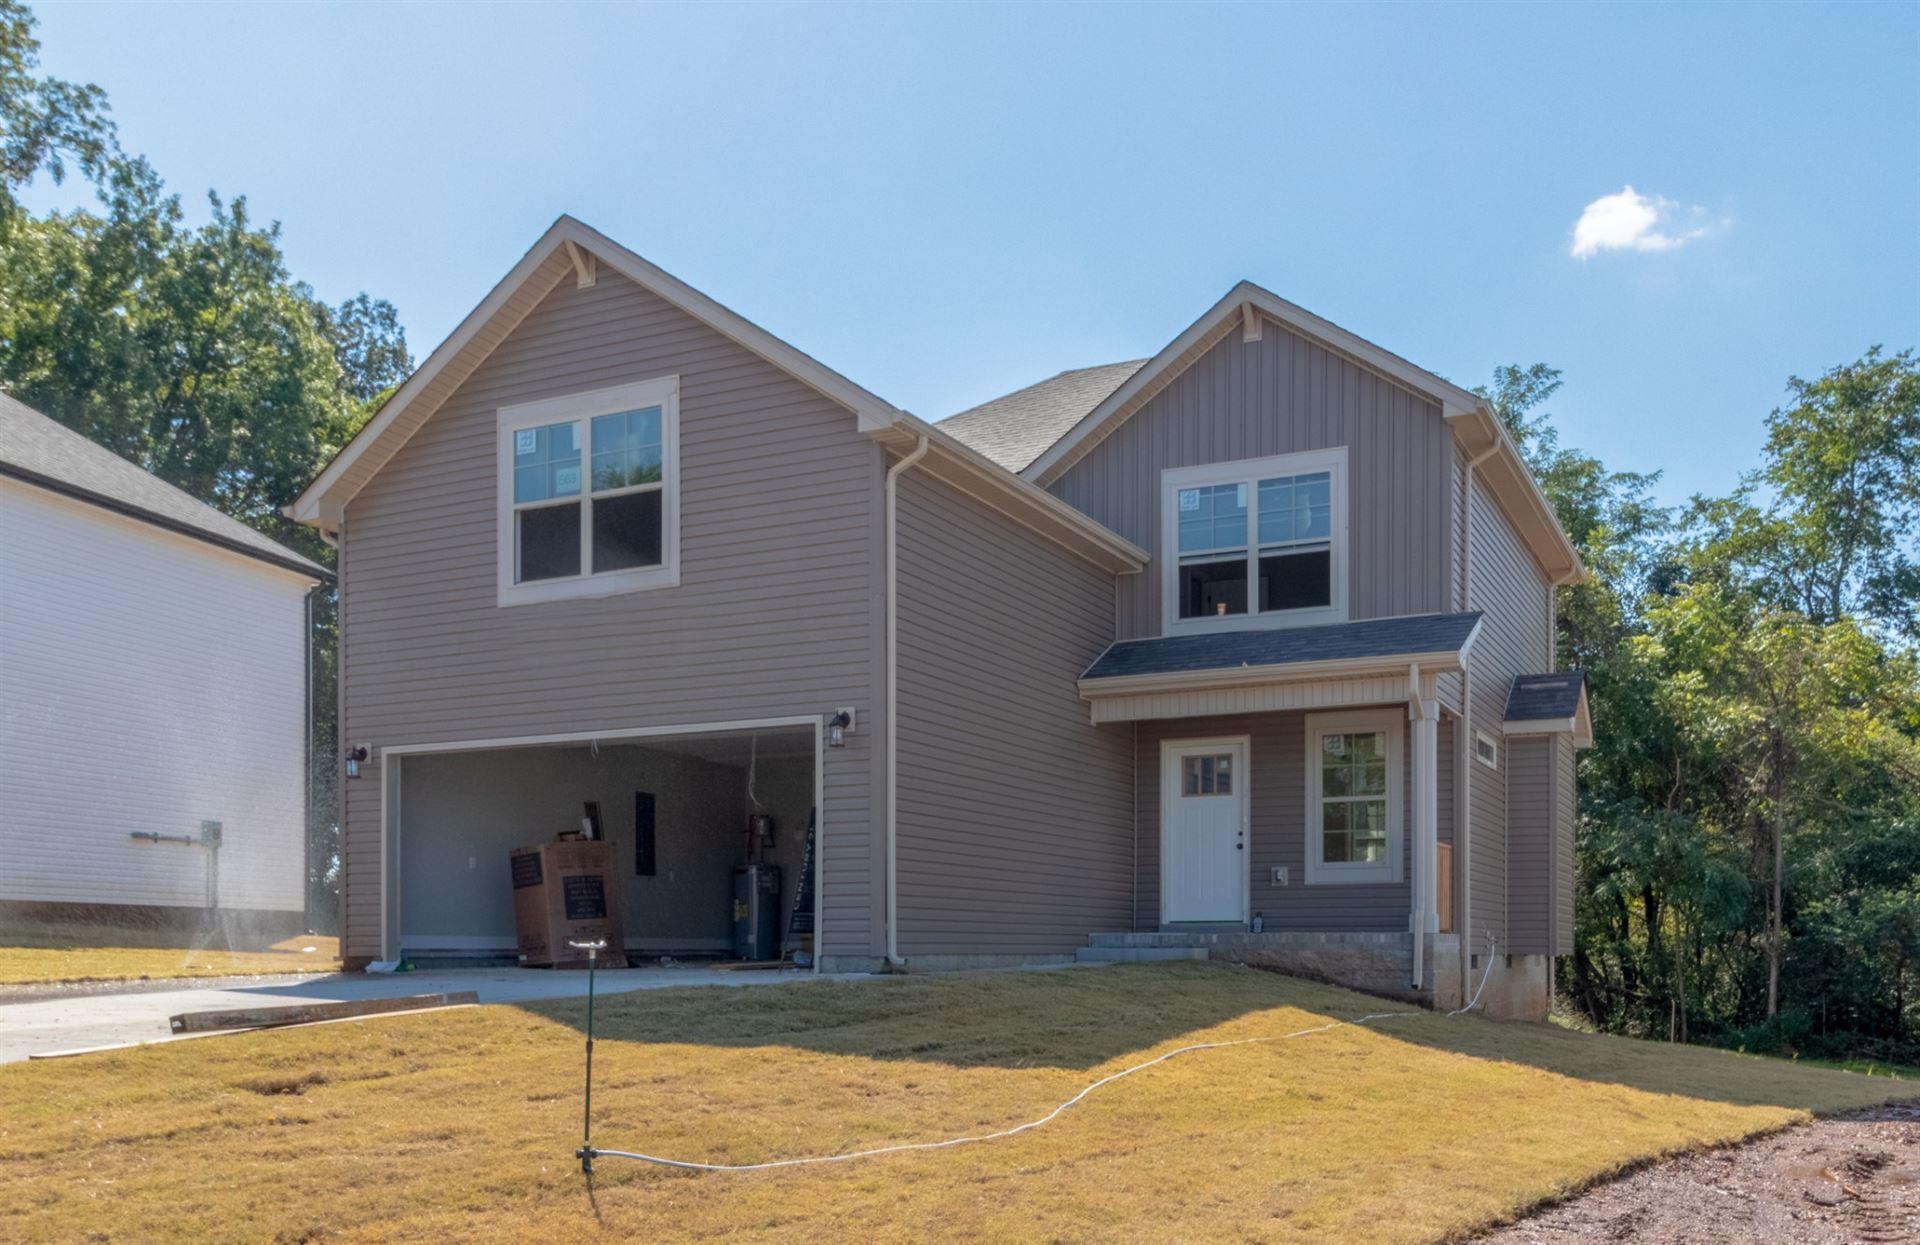 1058 Spicer Drive, Clarksville, TN 37040 - MLS#: 2287595